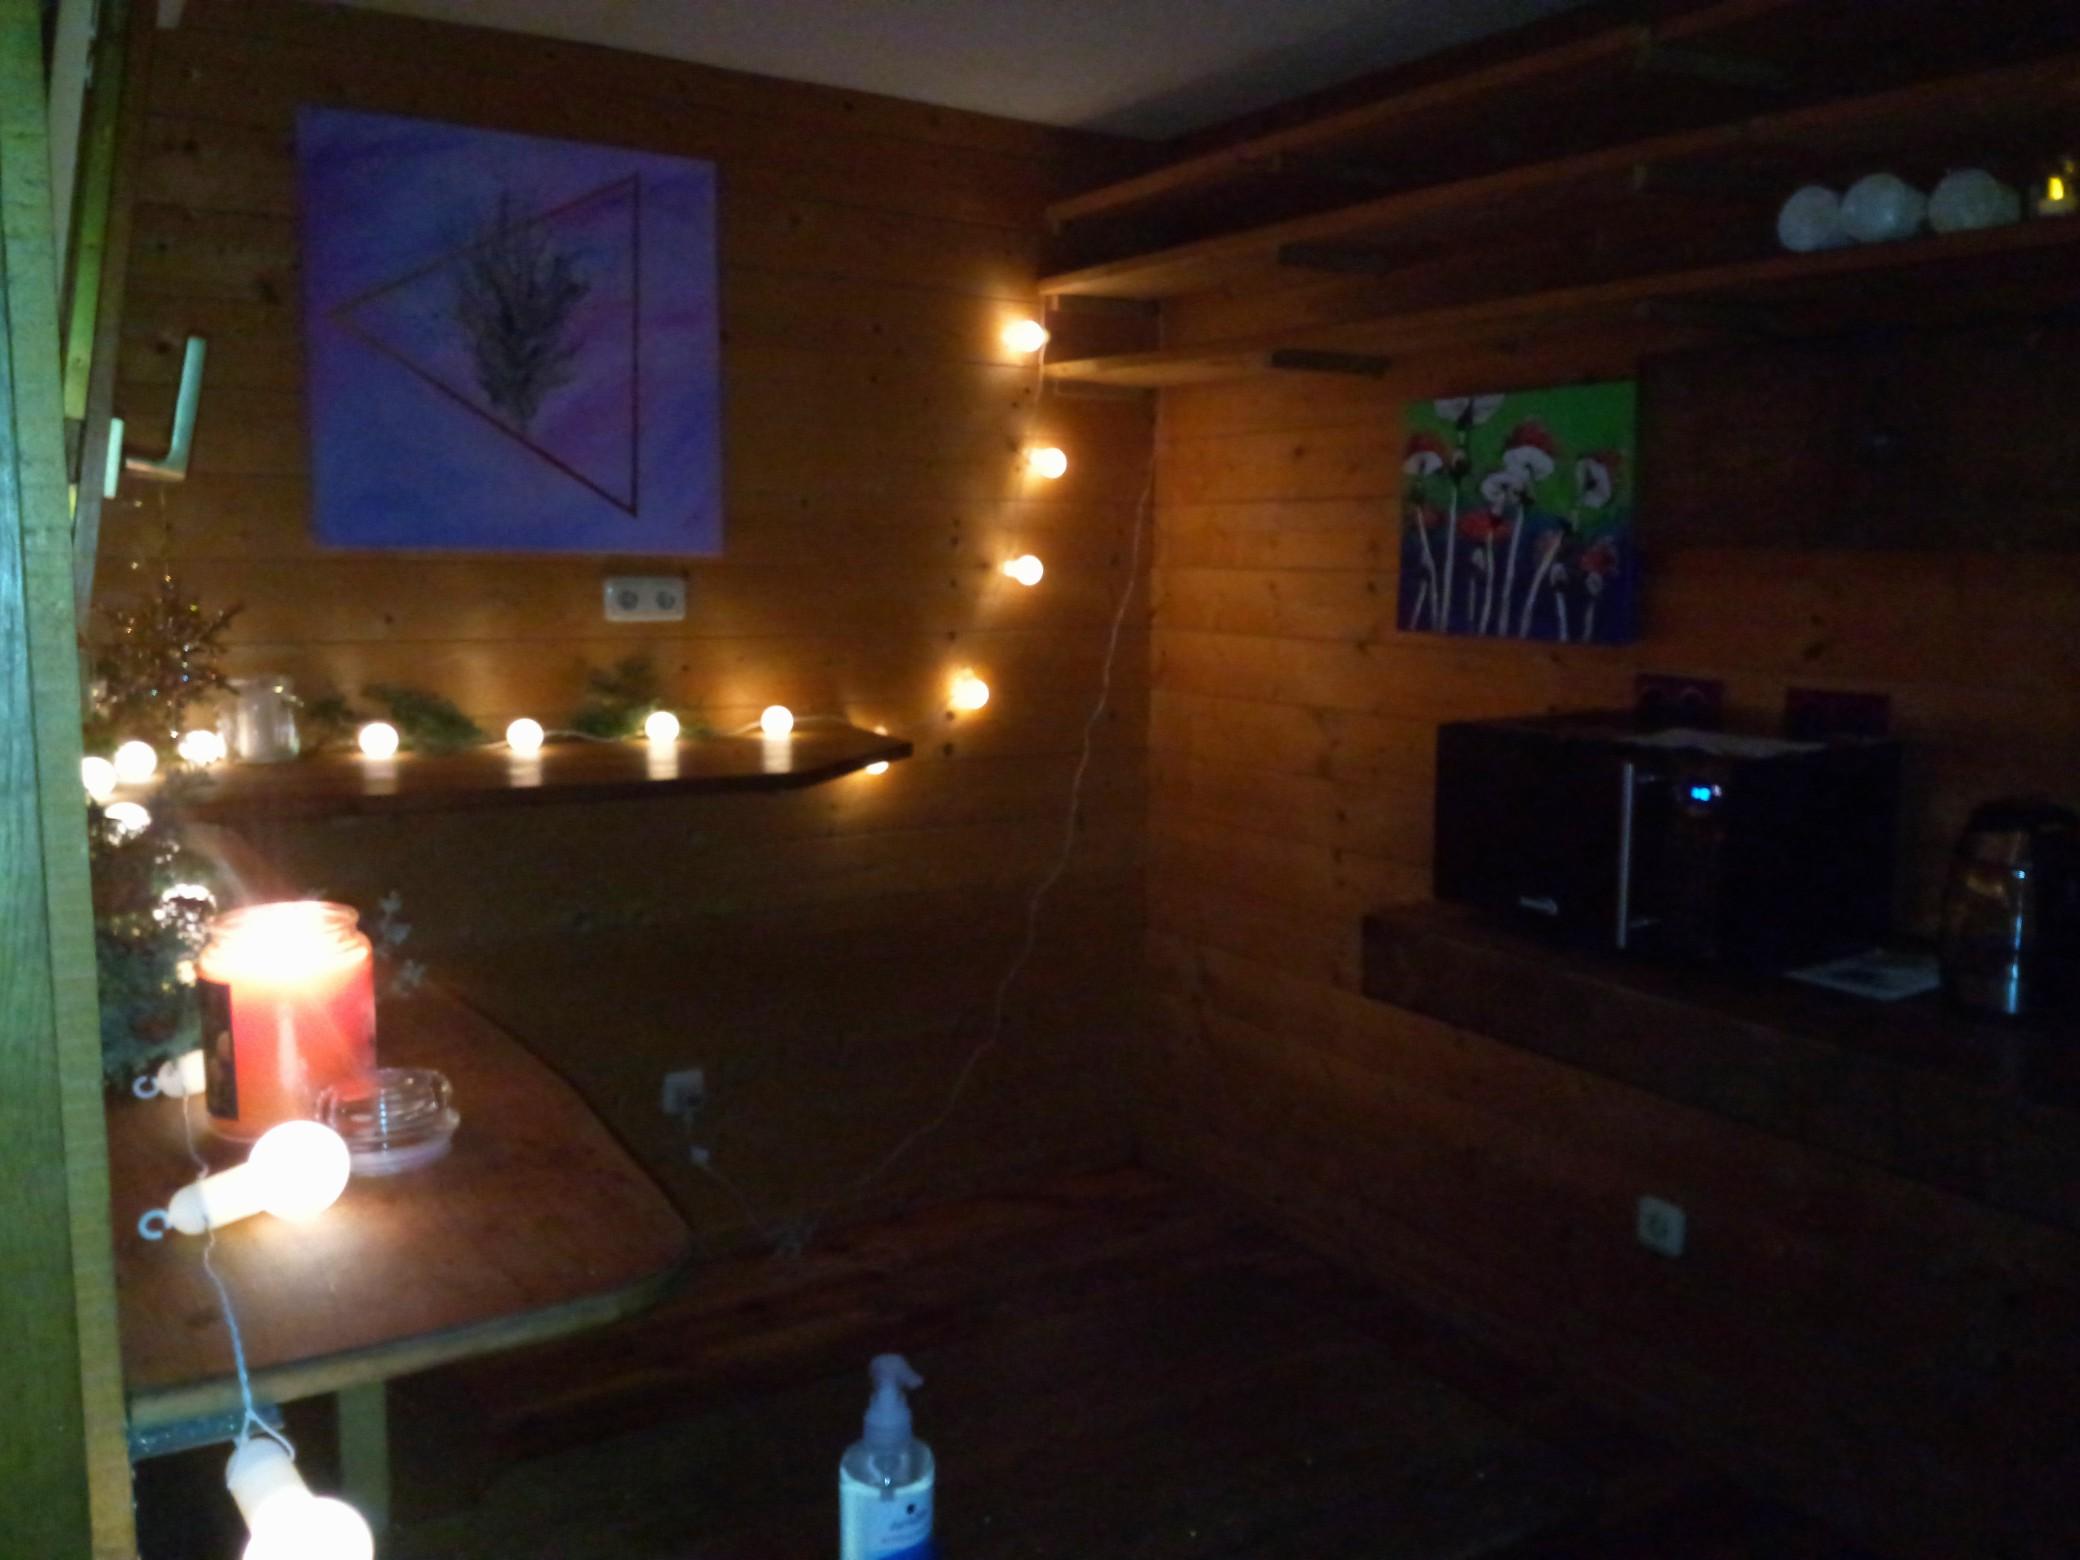 Lichter, Kerzen und Bilder schmücken das Innere des Kiosks.